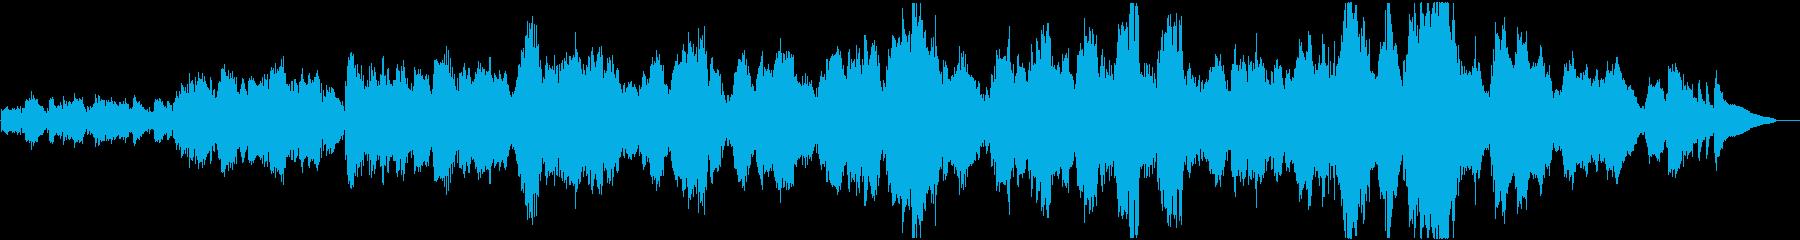 グノー「アヴェ・マリア」フルート・ピアノの再生済みの波形